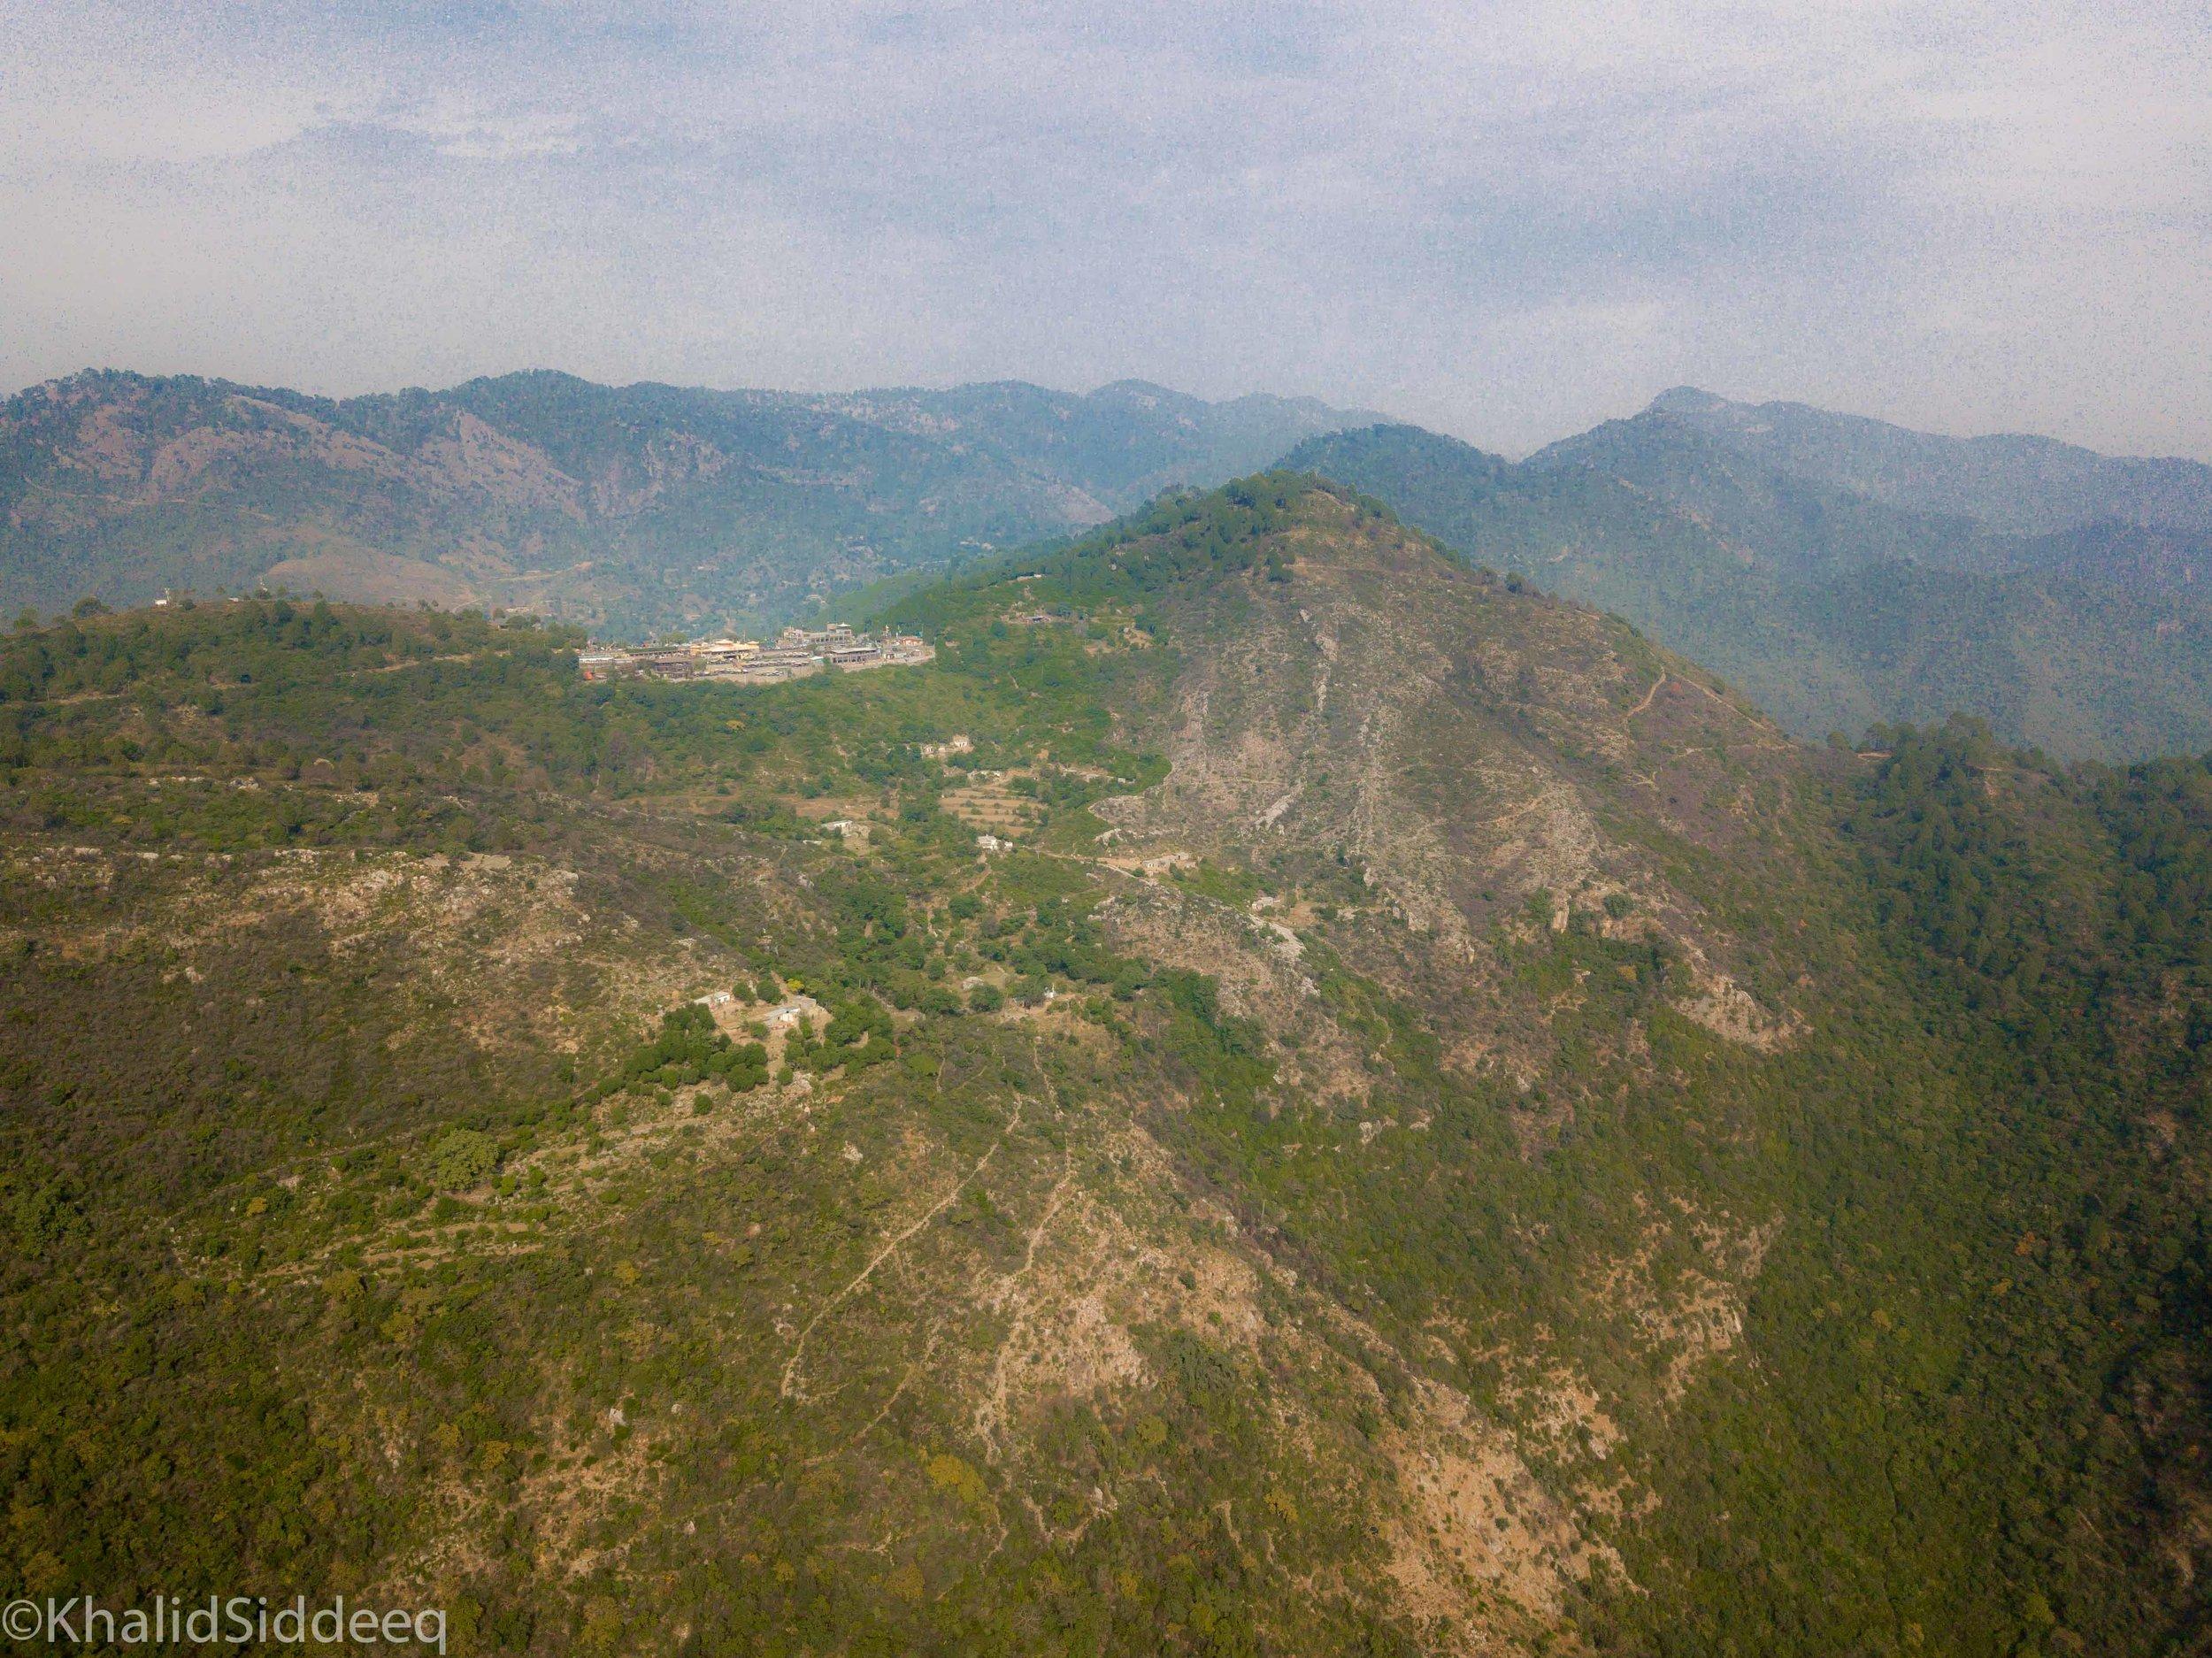 الطبيعة الخلابة - كما تبدو بين جبال إسلام أباد